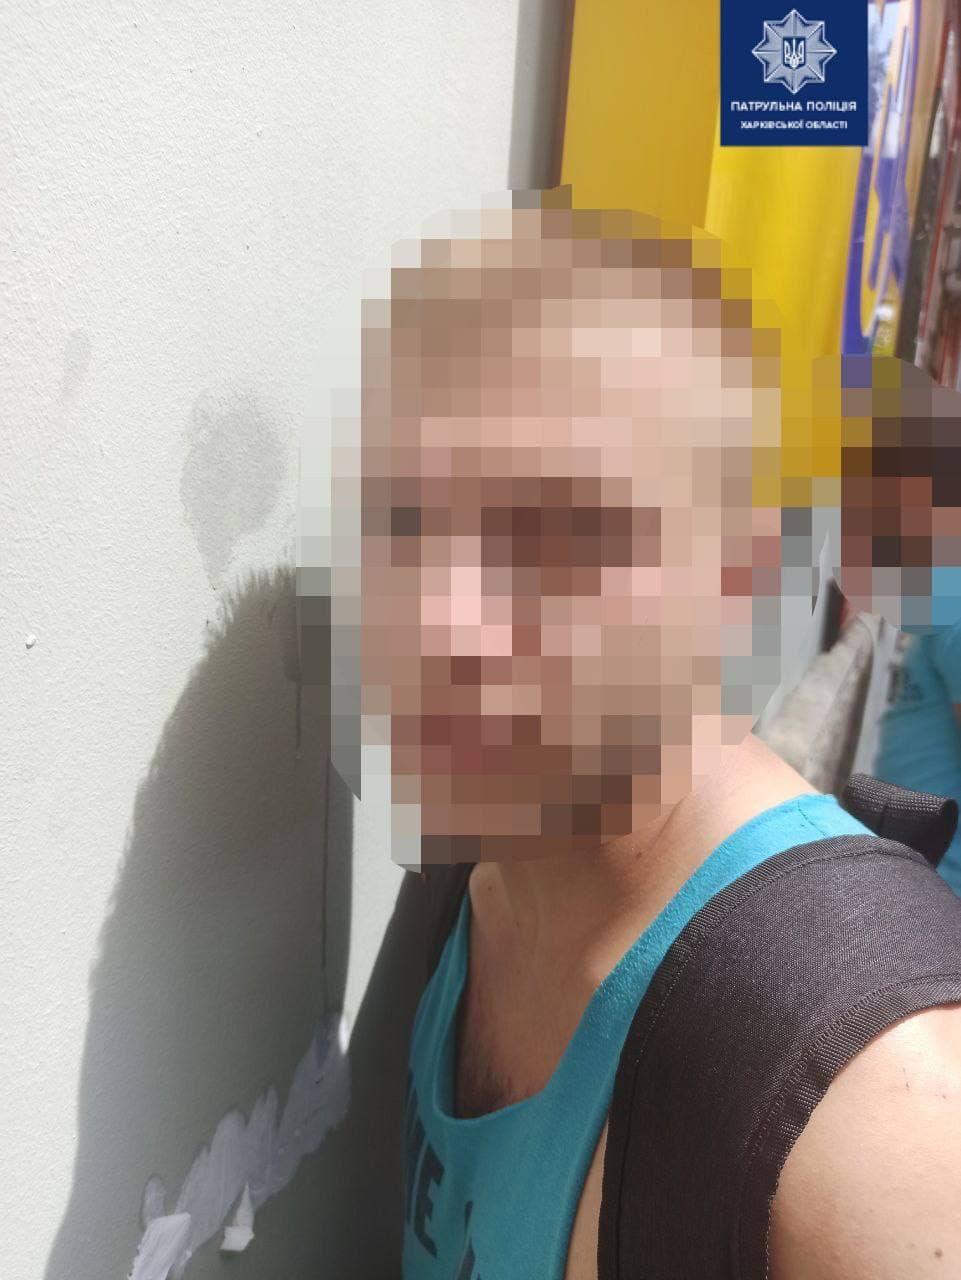 В Харькове патрульные по горячим следам обнаружили и задержали, вероятных, грабителей - фото 2